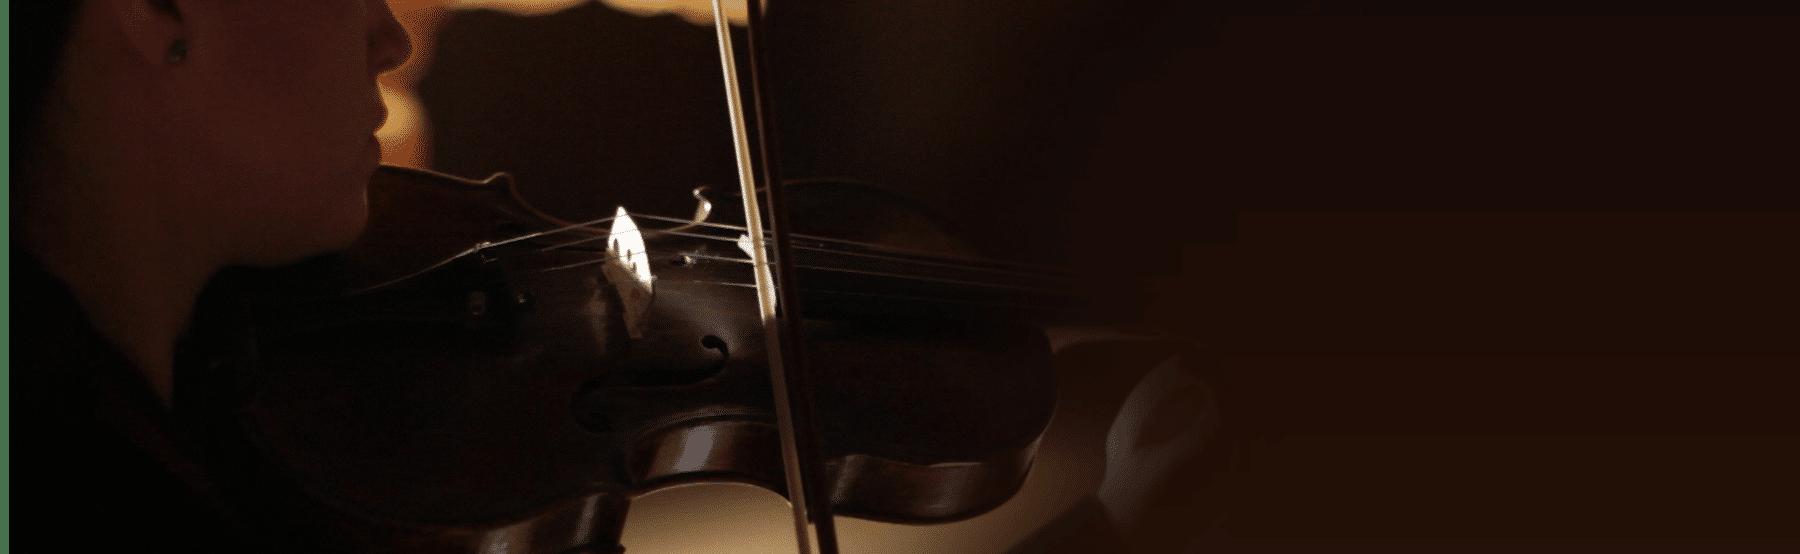 Trio Broz: Solo Violin | FluffyAudio